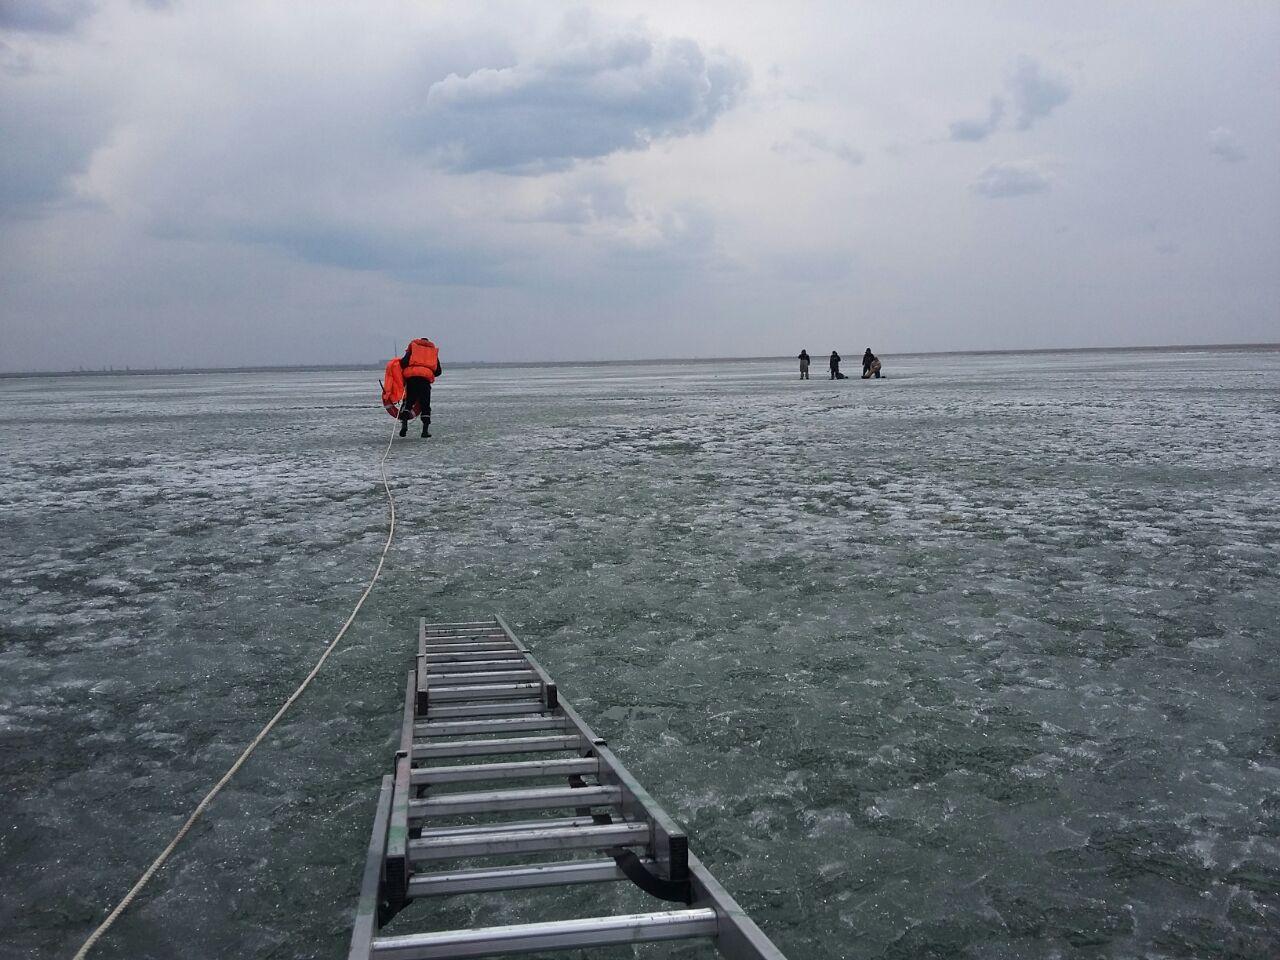 ВПавлодарской области рыболовы едва непогибли нальдине